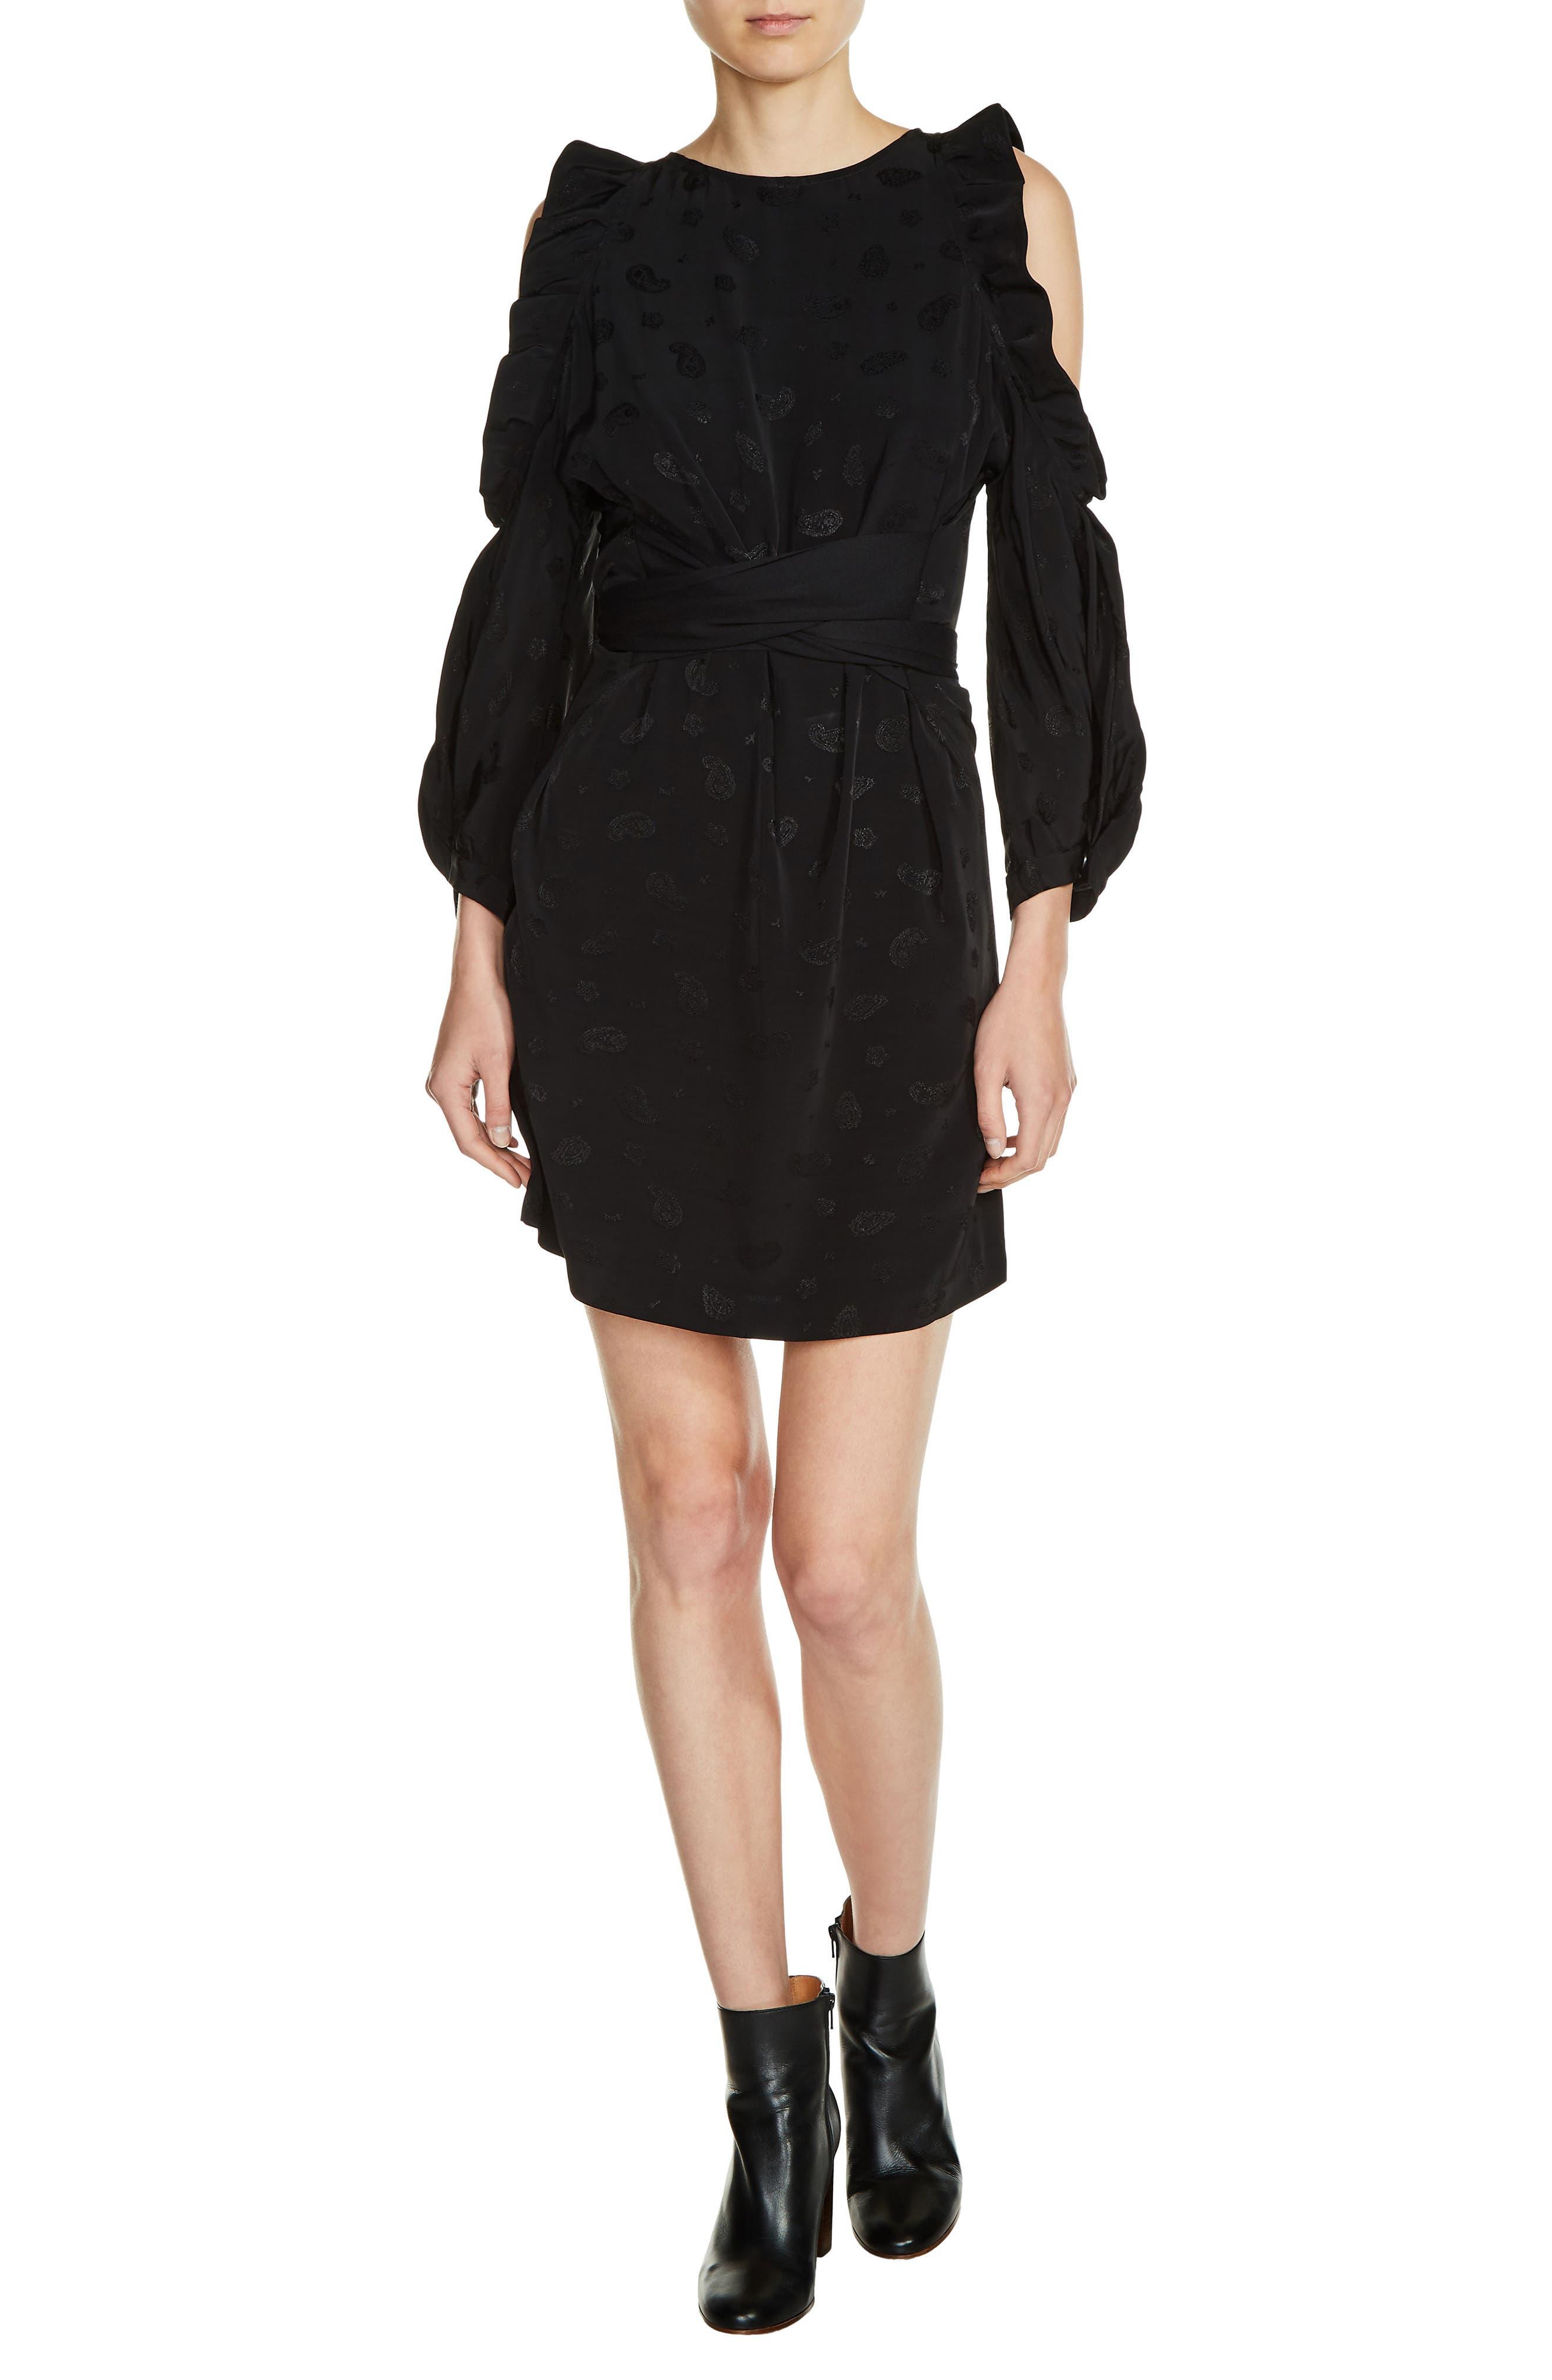 Alternate Image 1 Selected - maje Bow Back Cold Shoulder Dress